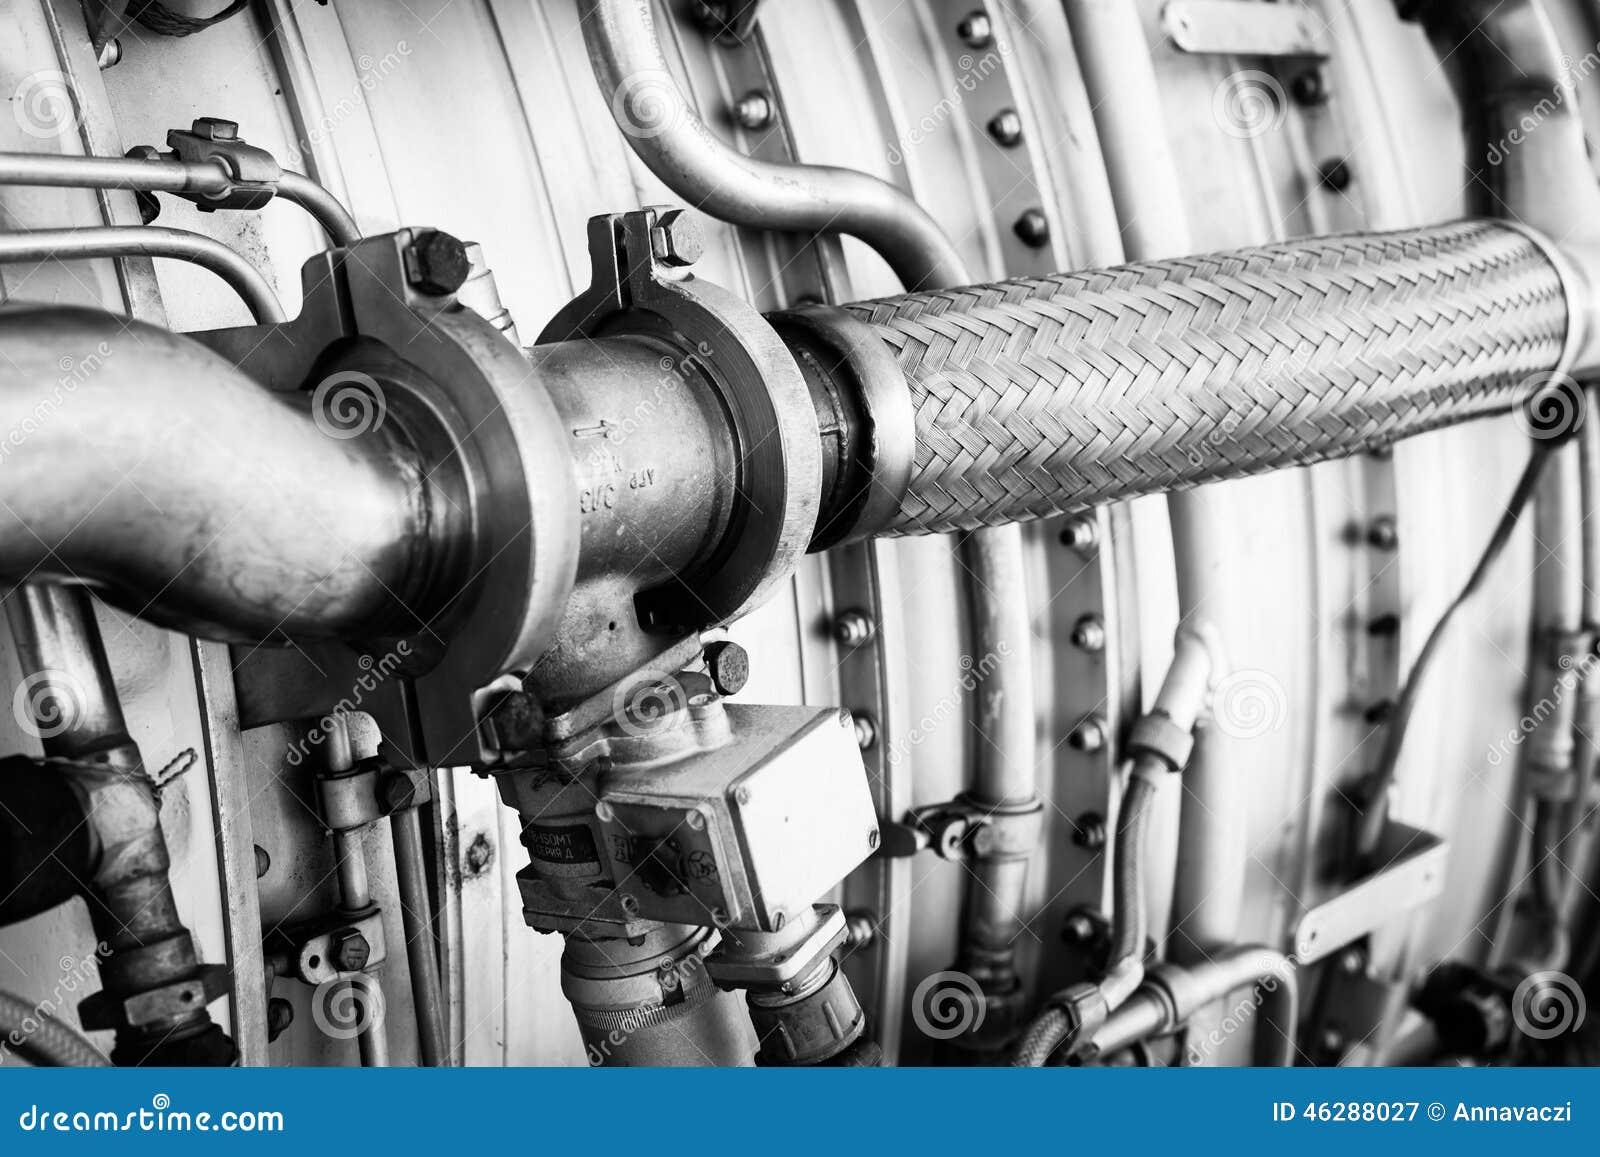 De close-up van het straalmotordetail